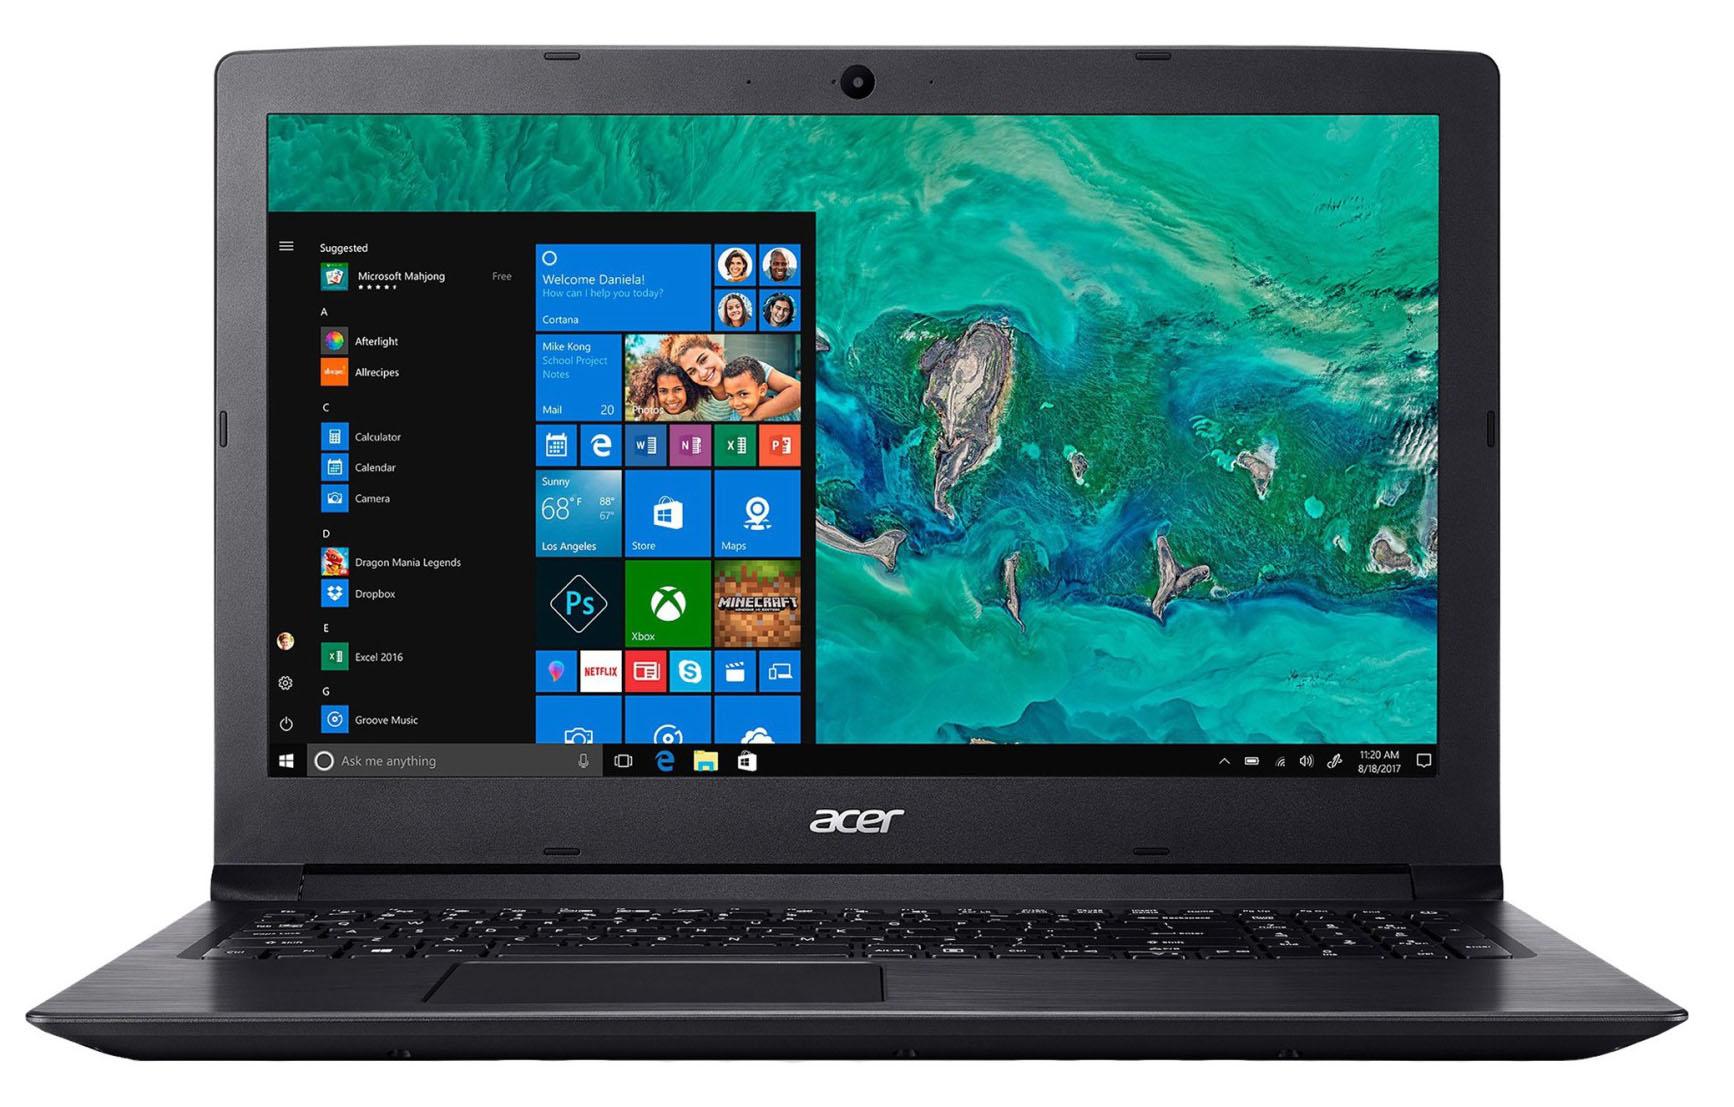 """Acer Aspire 3 (A315-51) · i5-7200U · Intel HD Graphics 620 · 15.6"""", HD  (1366 x 768), TN · 1TB HDD, 5400 rpm · 6GB DDR4 · Windows 10 Home    LaptopMedia Australia"""